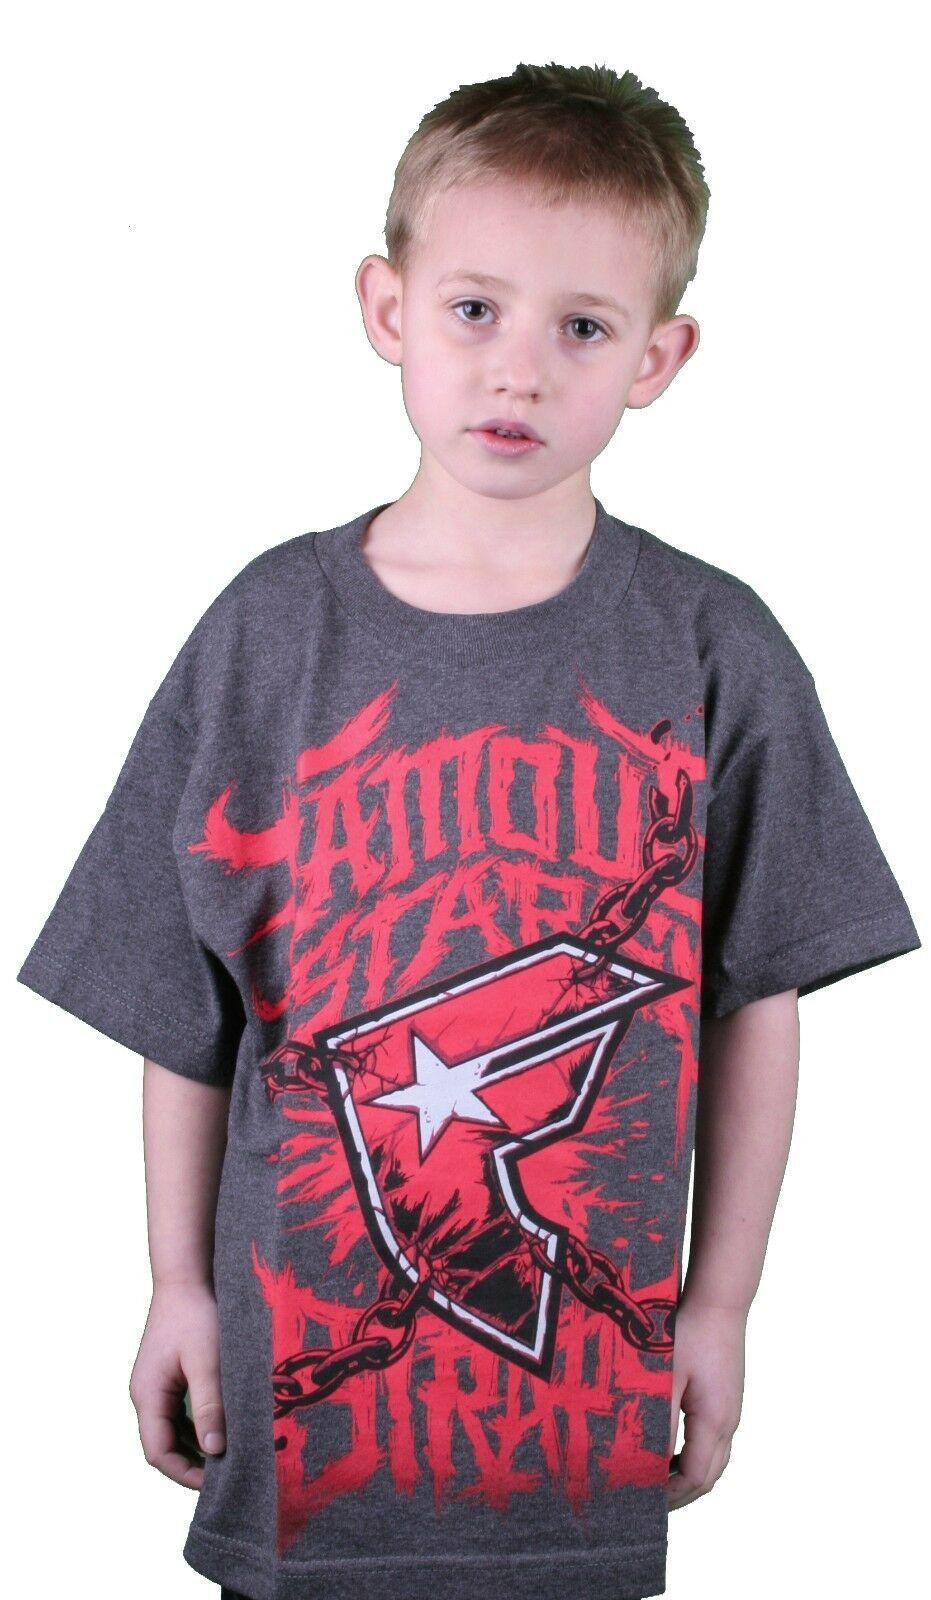 Famoso Stars Y Correas Gris Carbón Rojo Guerra Stories Juventud Niño Camiseta